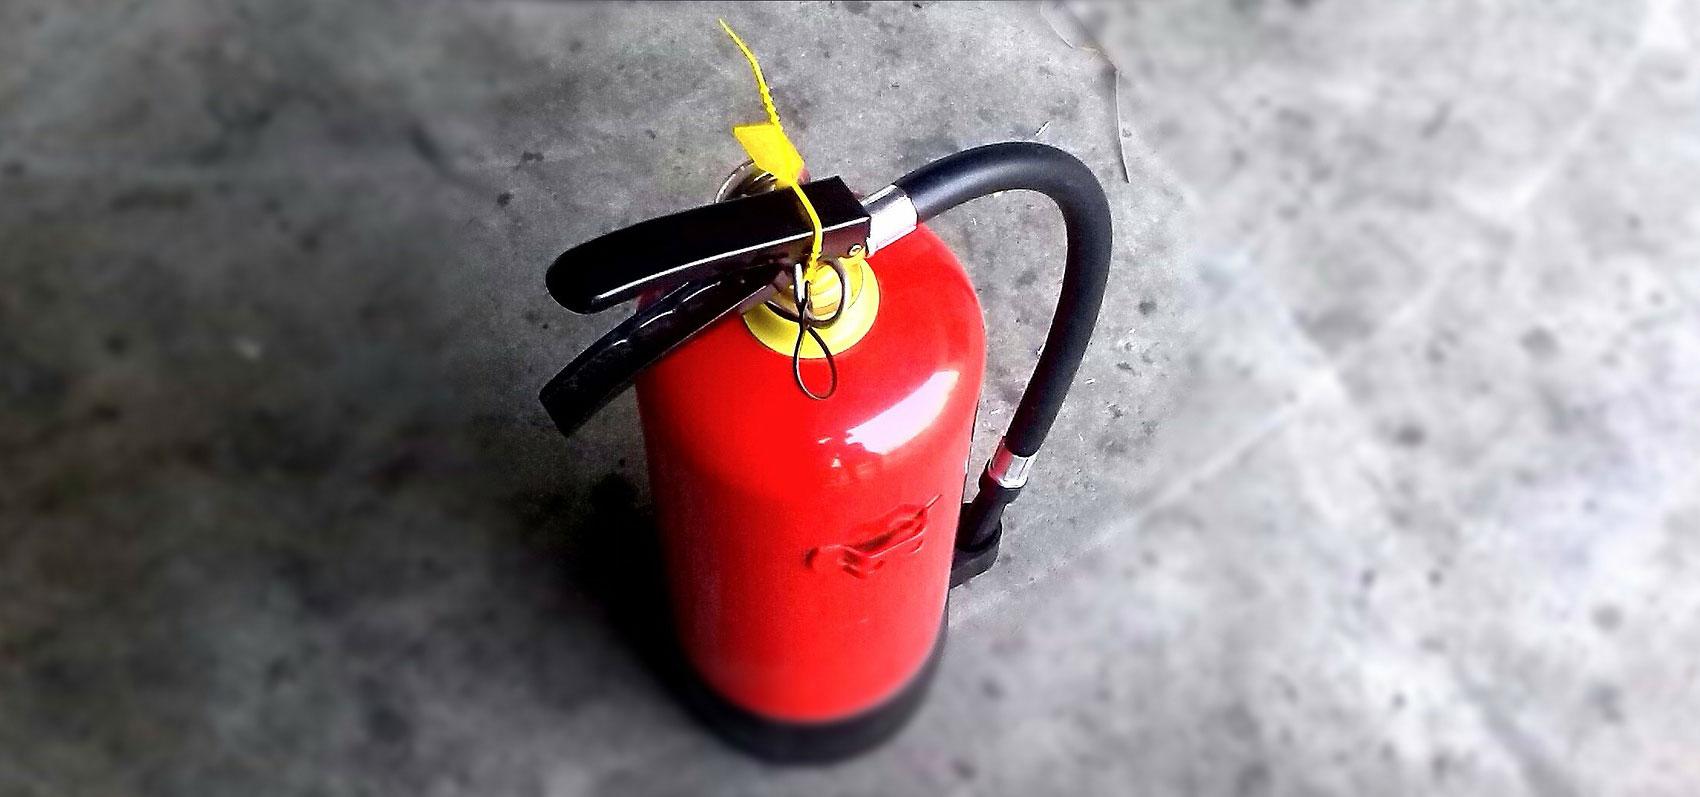 5 viktige tiltak for godt brannvern i borettslag og sameier